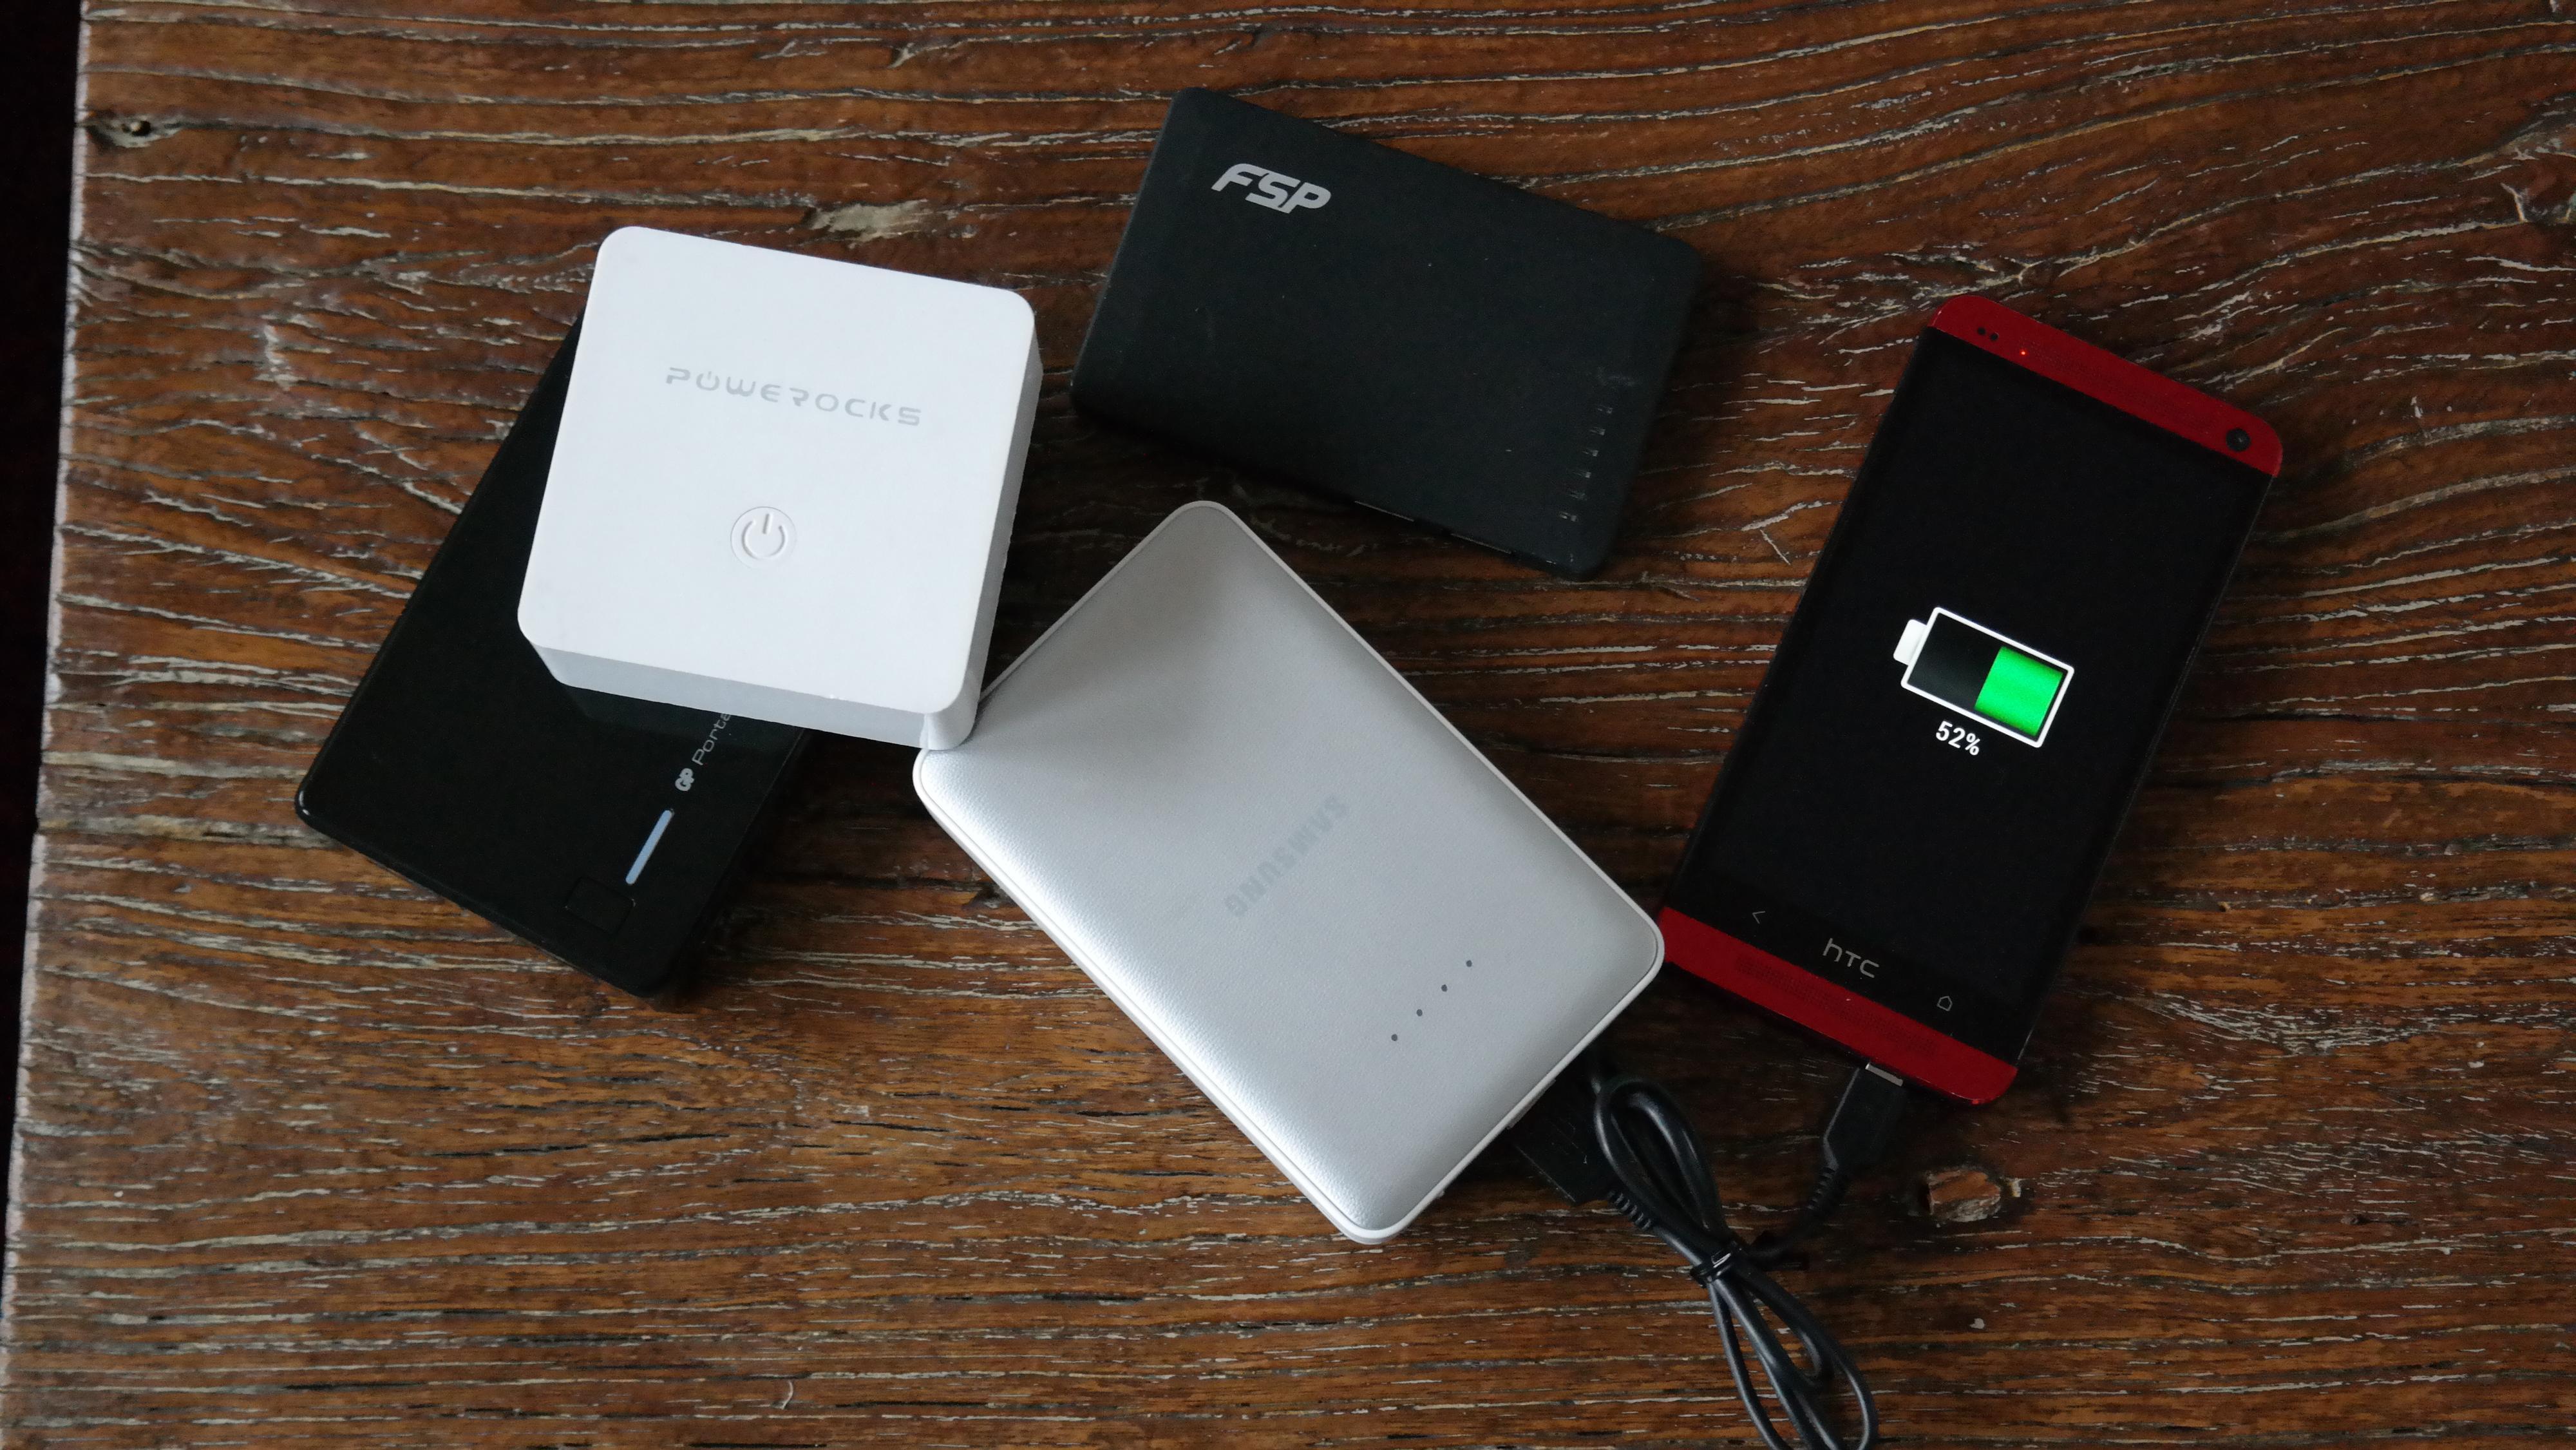 En batteribank, også kalt nødbatteri' gir deg noen timer ekstra strøm til mobilen. Foto: Espen Irwing Swang, Tek.no